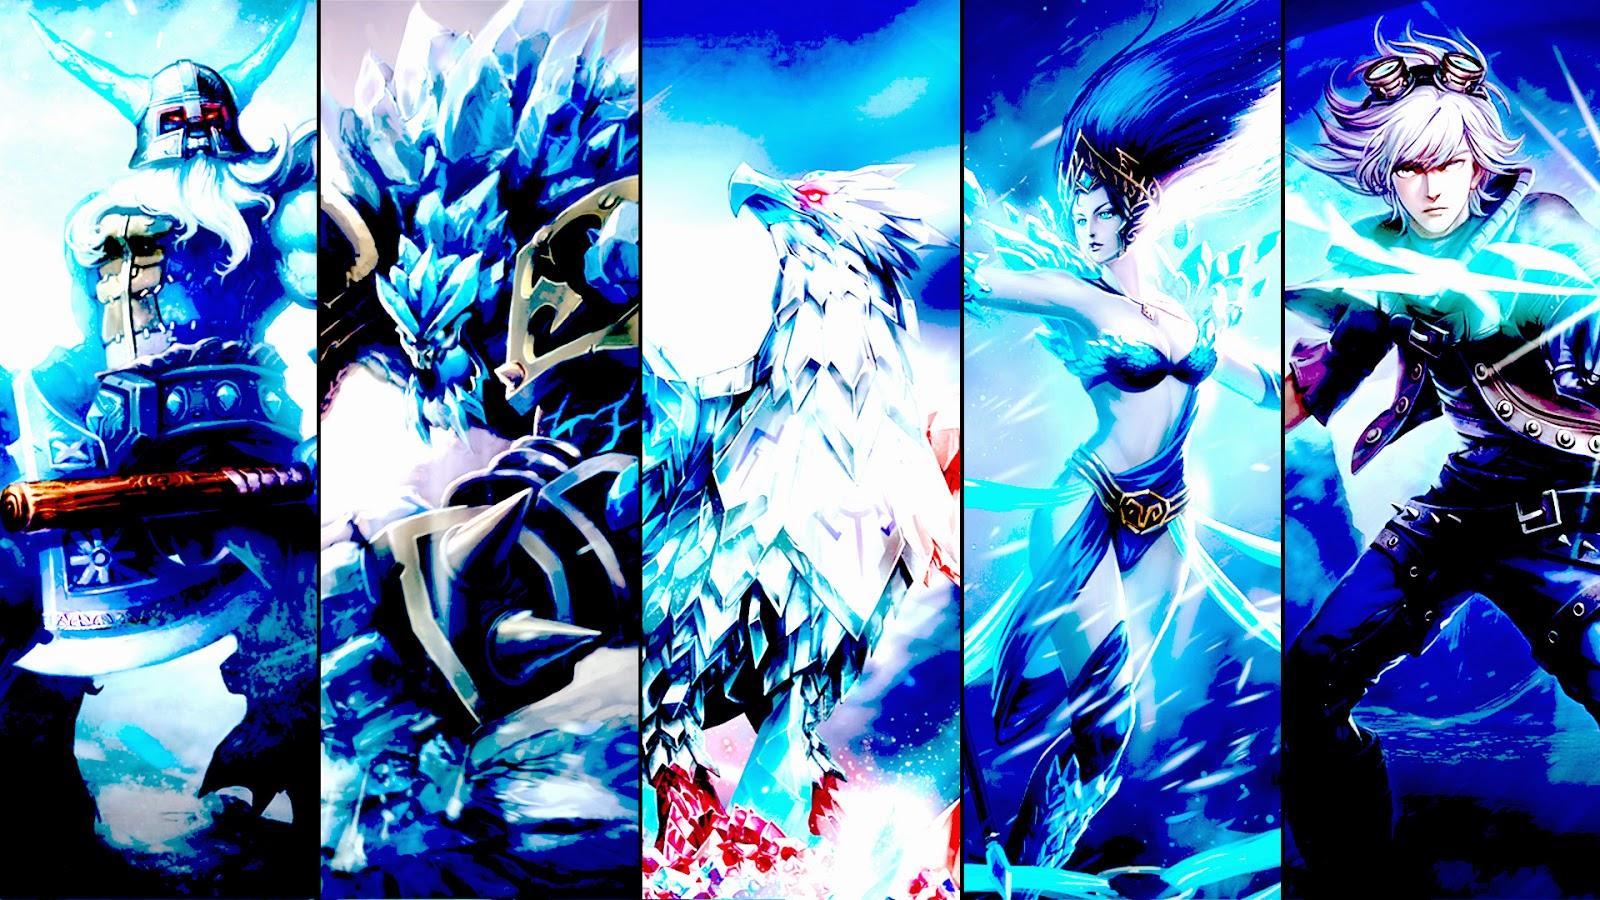 League of Legends Team Wallpaper